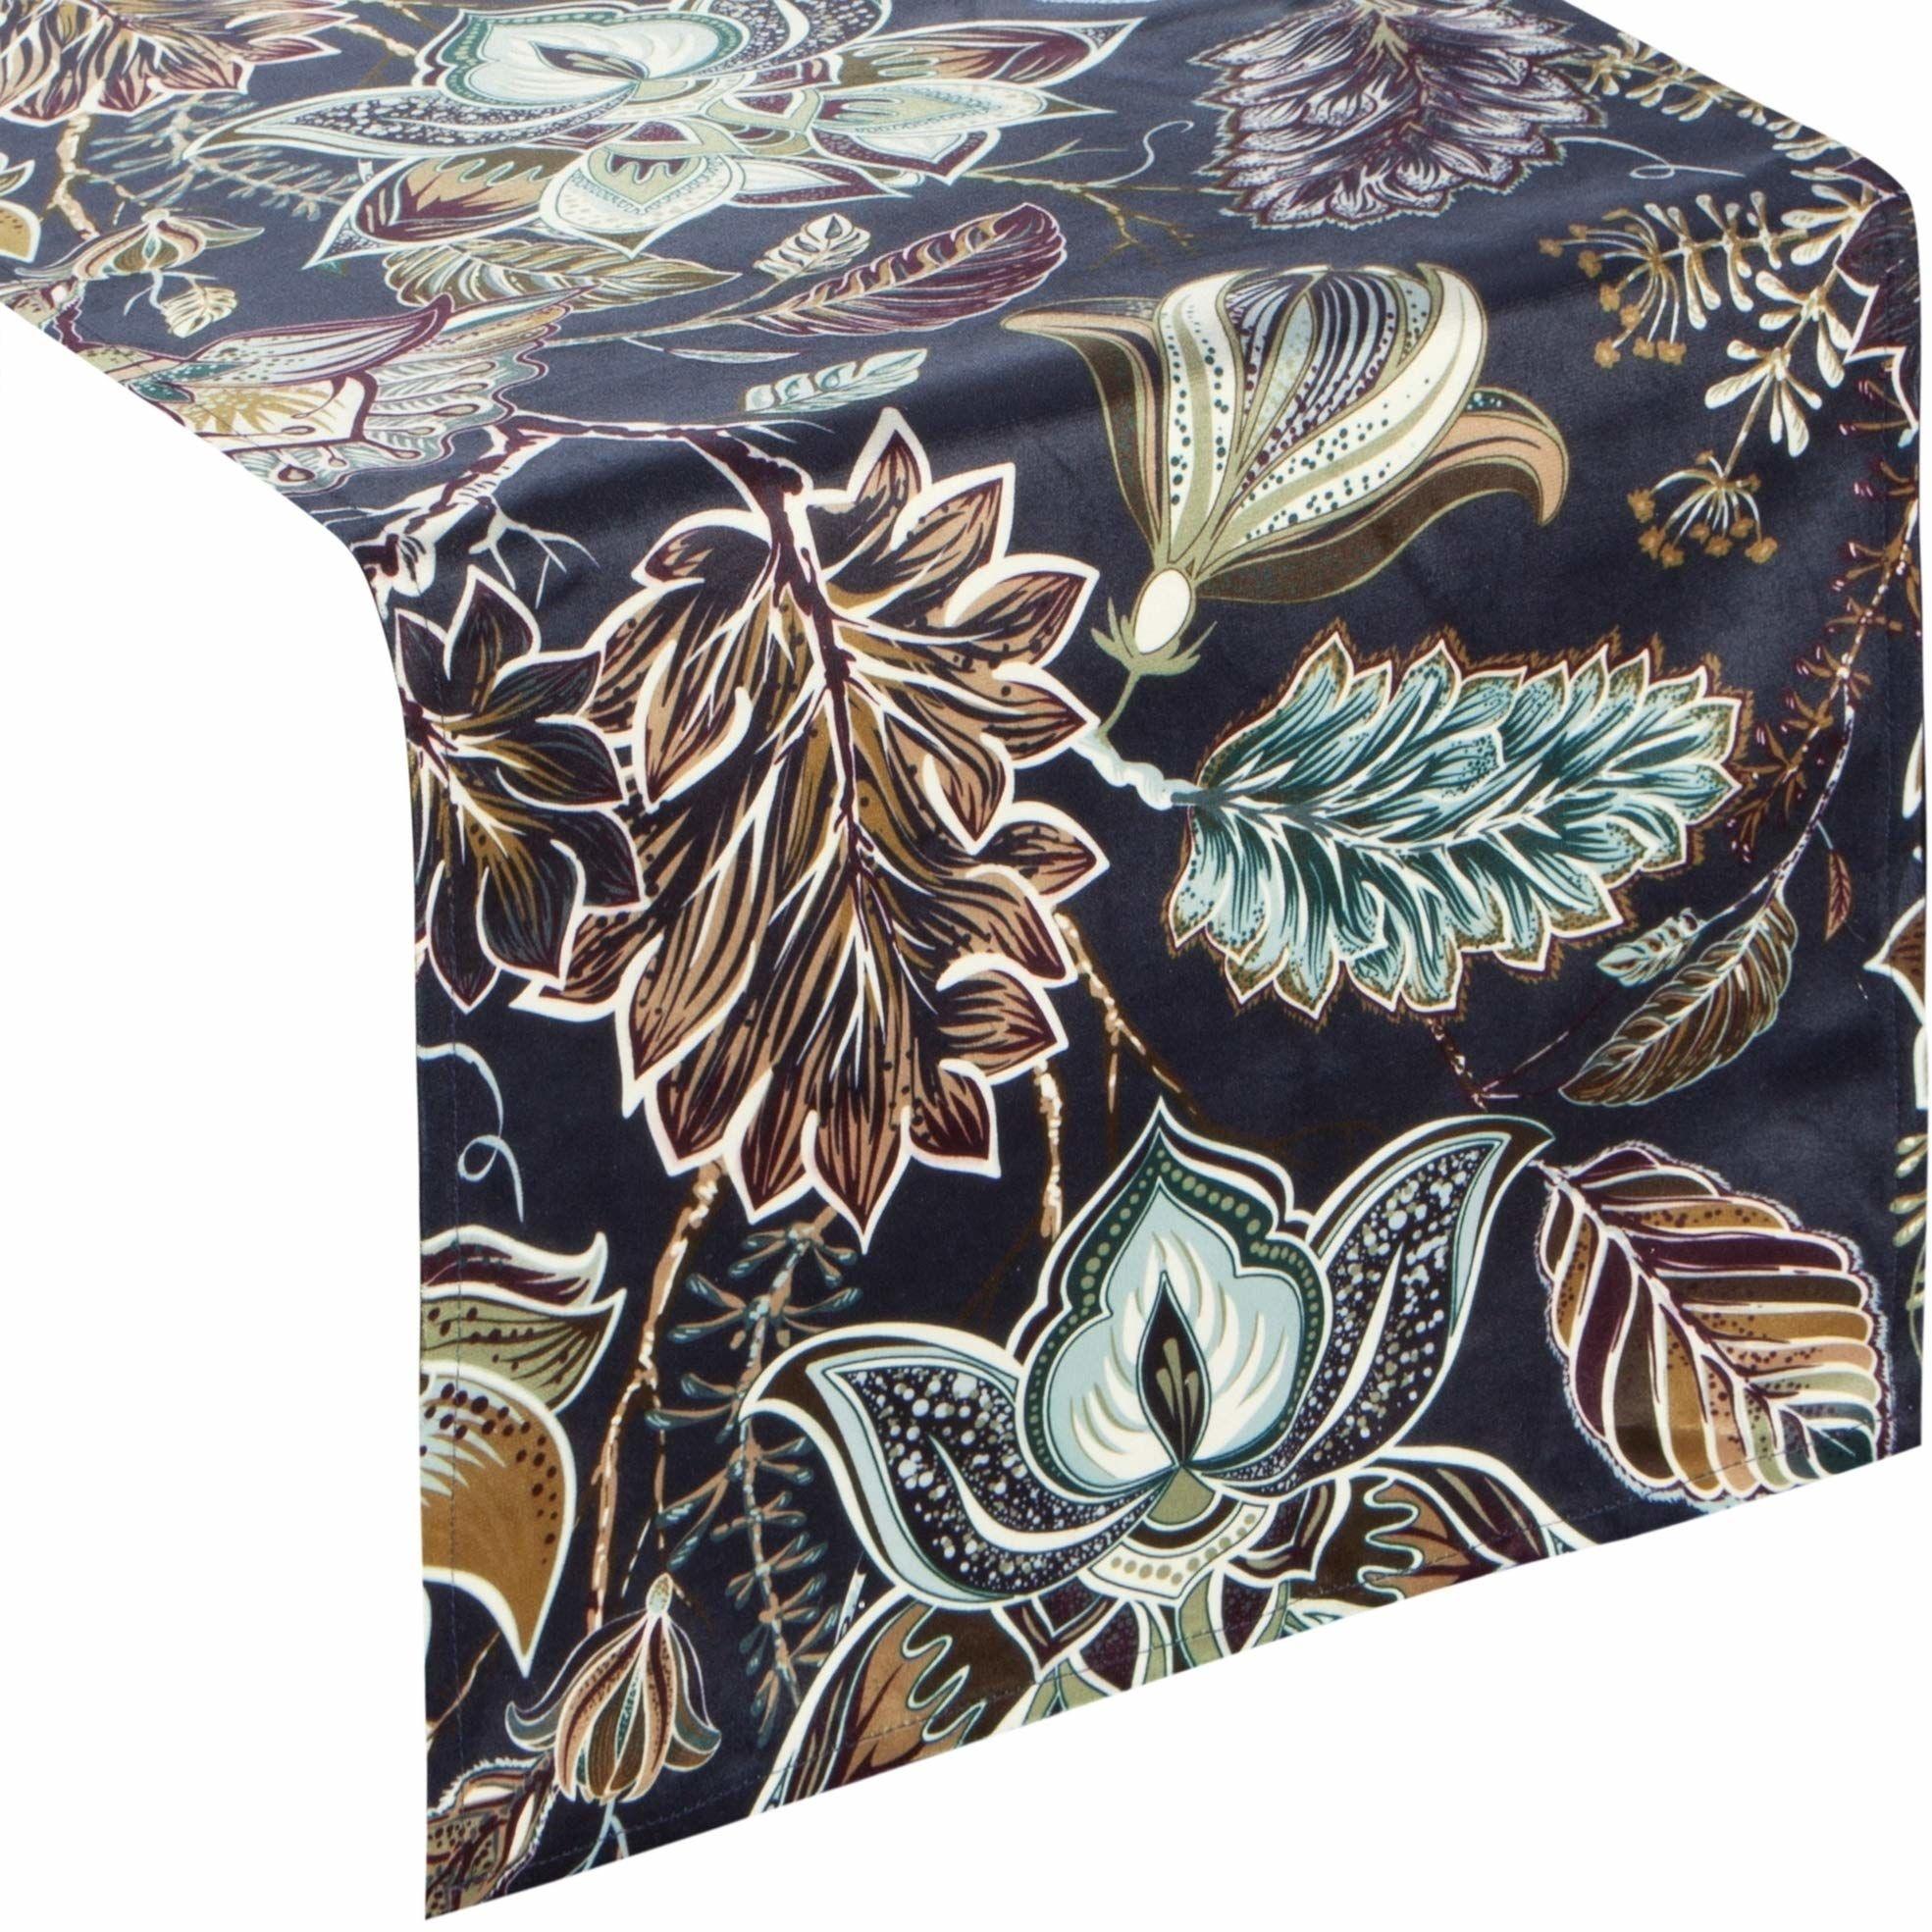 Eurofirany obrus na stół, aksamitny wzór kwiatowy, kwiaty, liście wzór liści, dekoracja stołu, bieżnik na stół, aksamitny elegancki elegancki 1 sztuka, granatowy, 33 x 140 cm